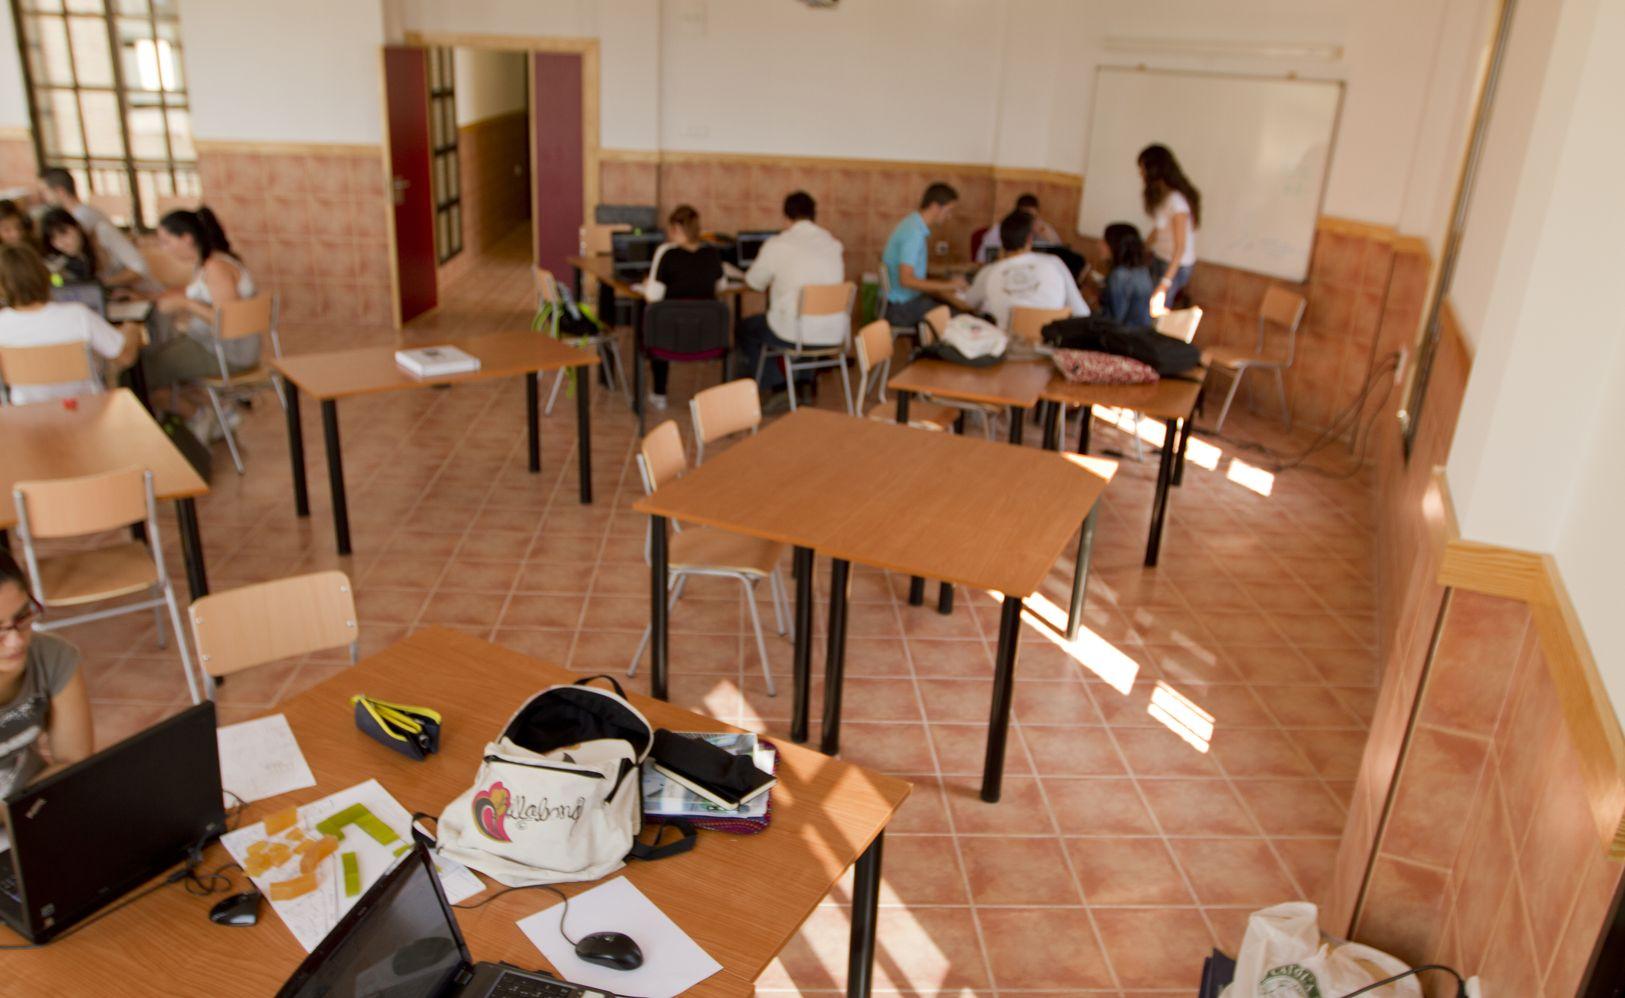 practica arquitectura estudiantes_result.jpg